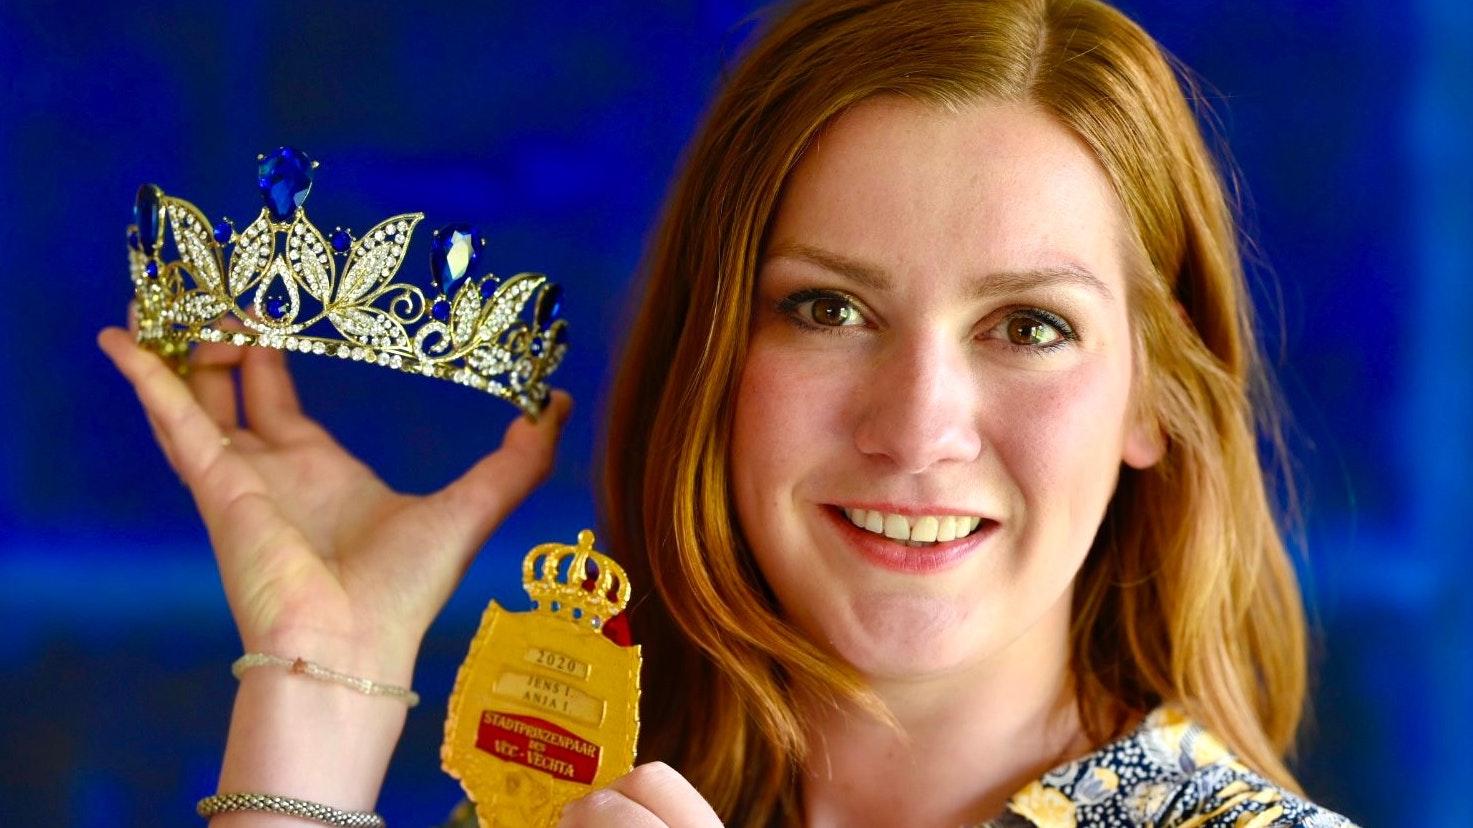 Die Insignien der Macht: Anja Muhle mit Krone und Orden. Foto: M. Niehues